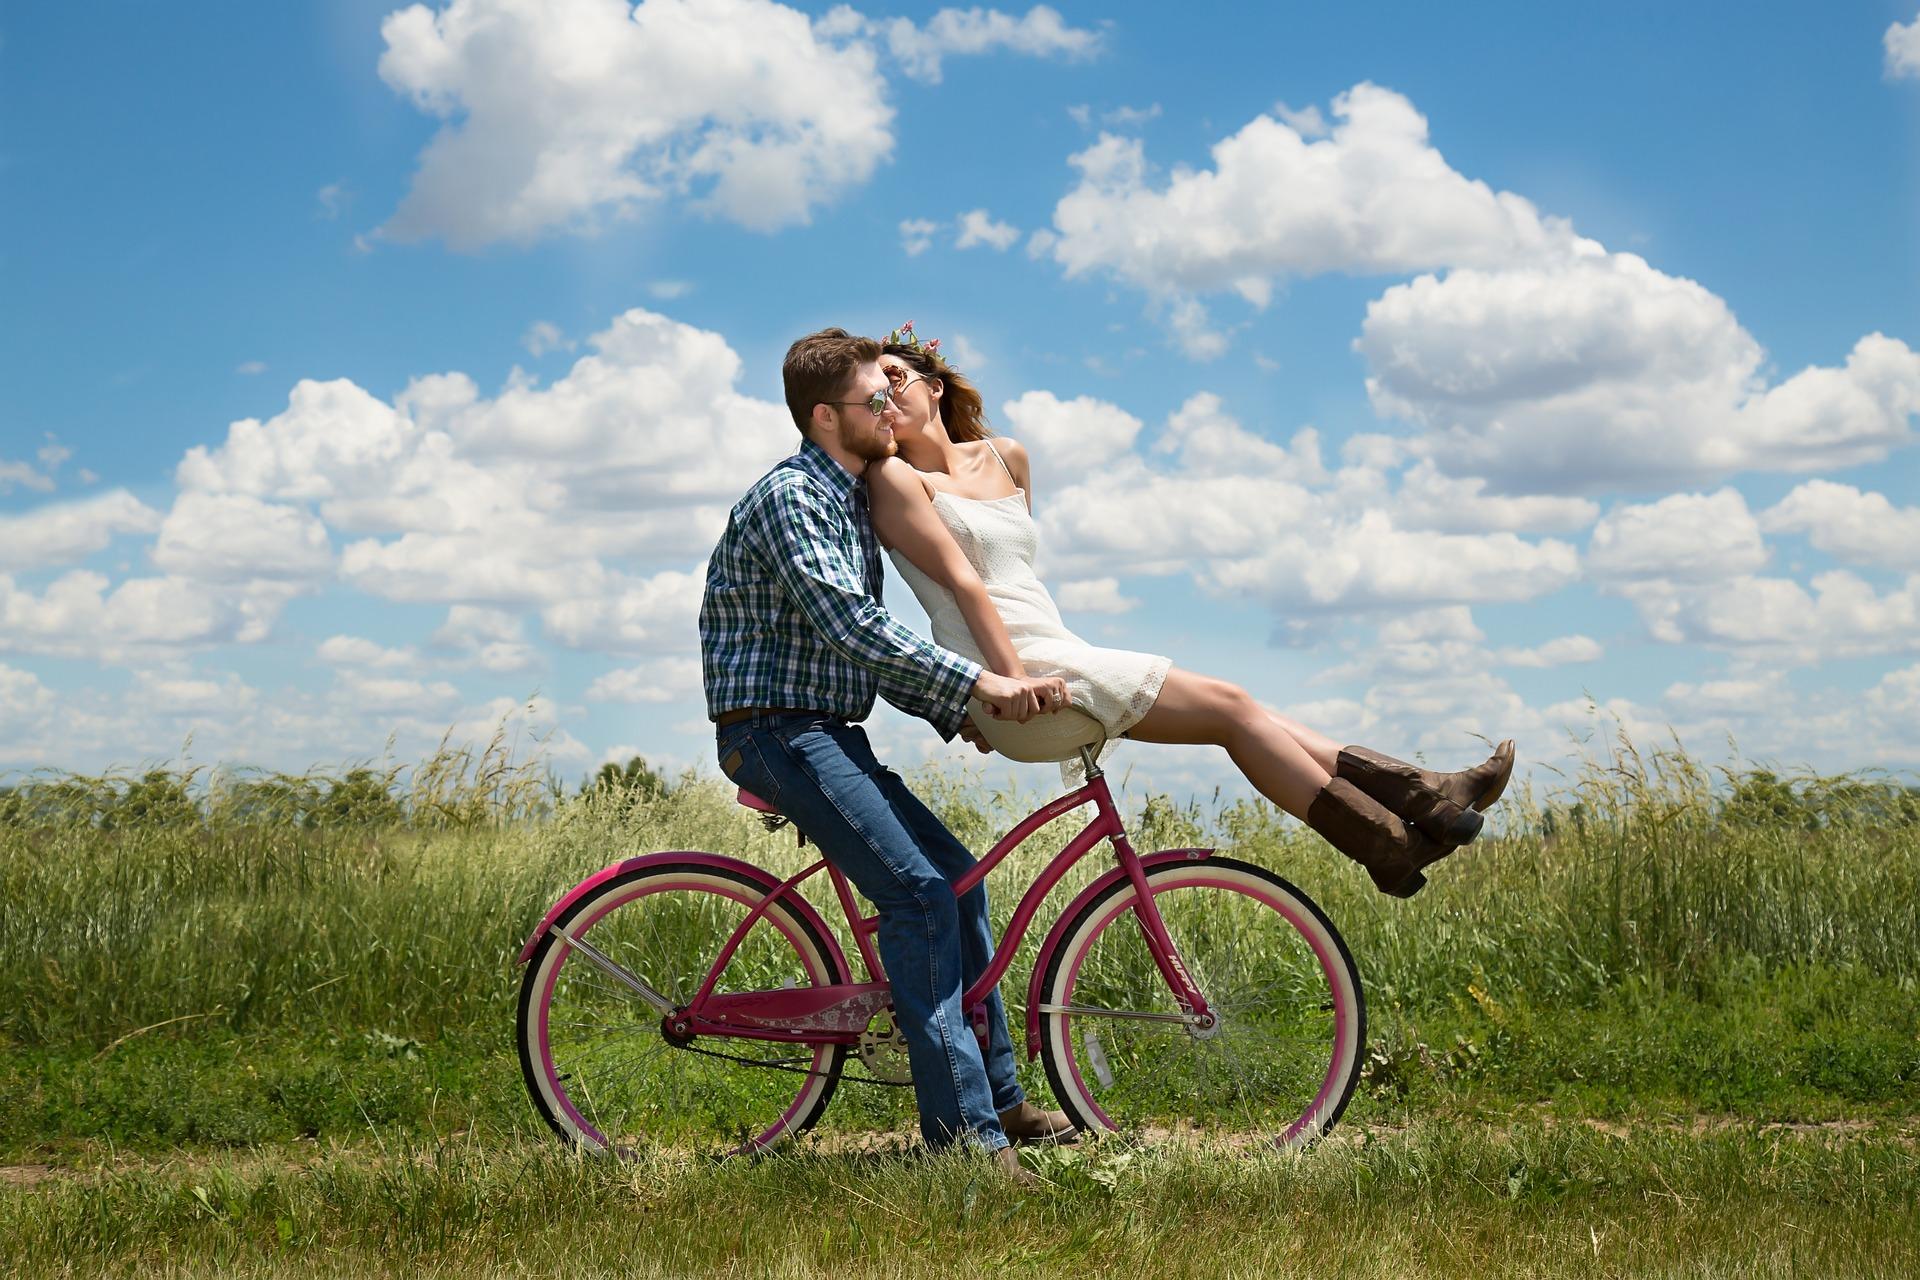 Les lois de l'attraction dans le couple selon les 4 éléments du zodiaque